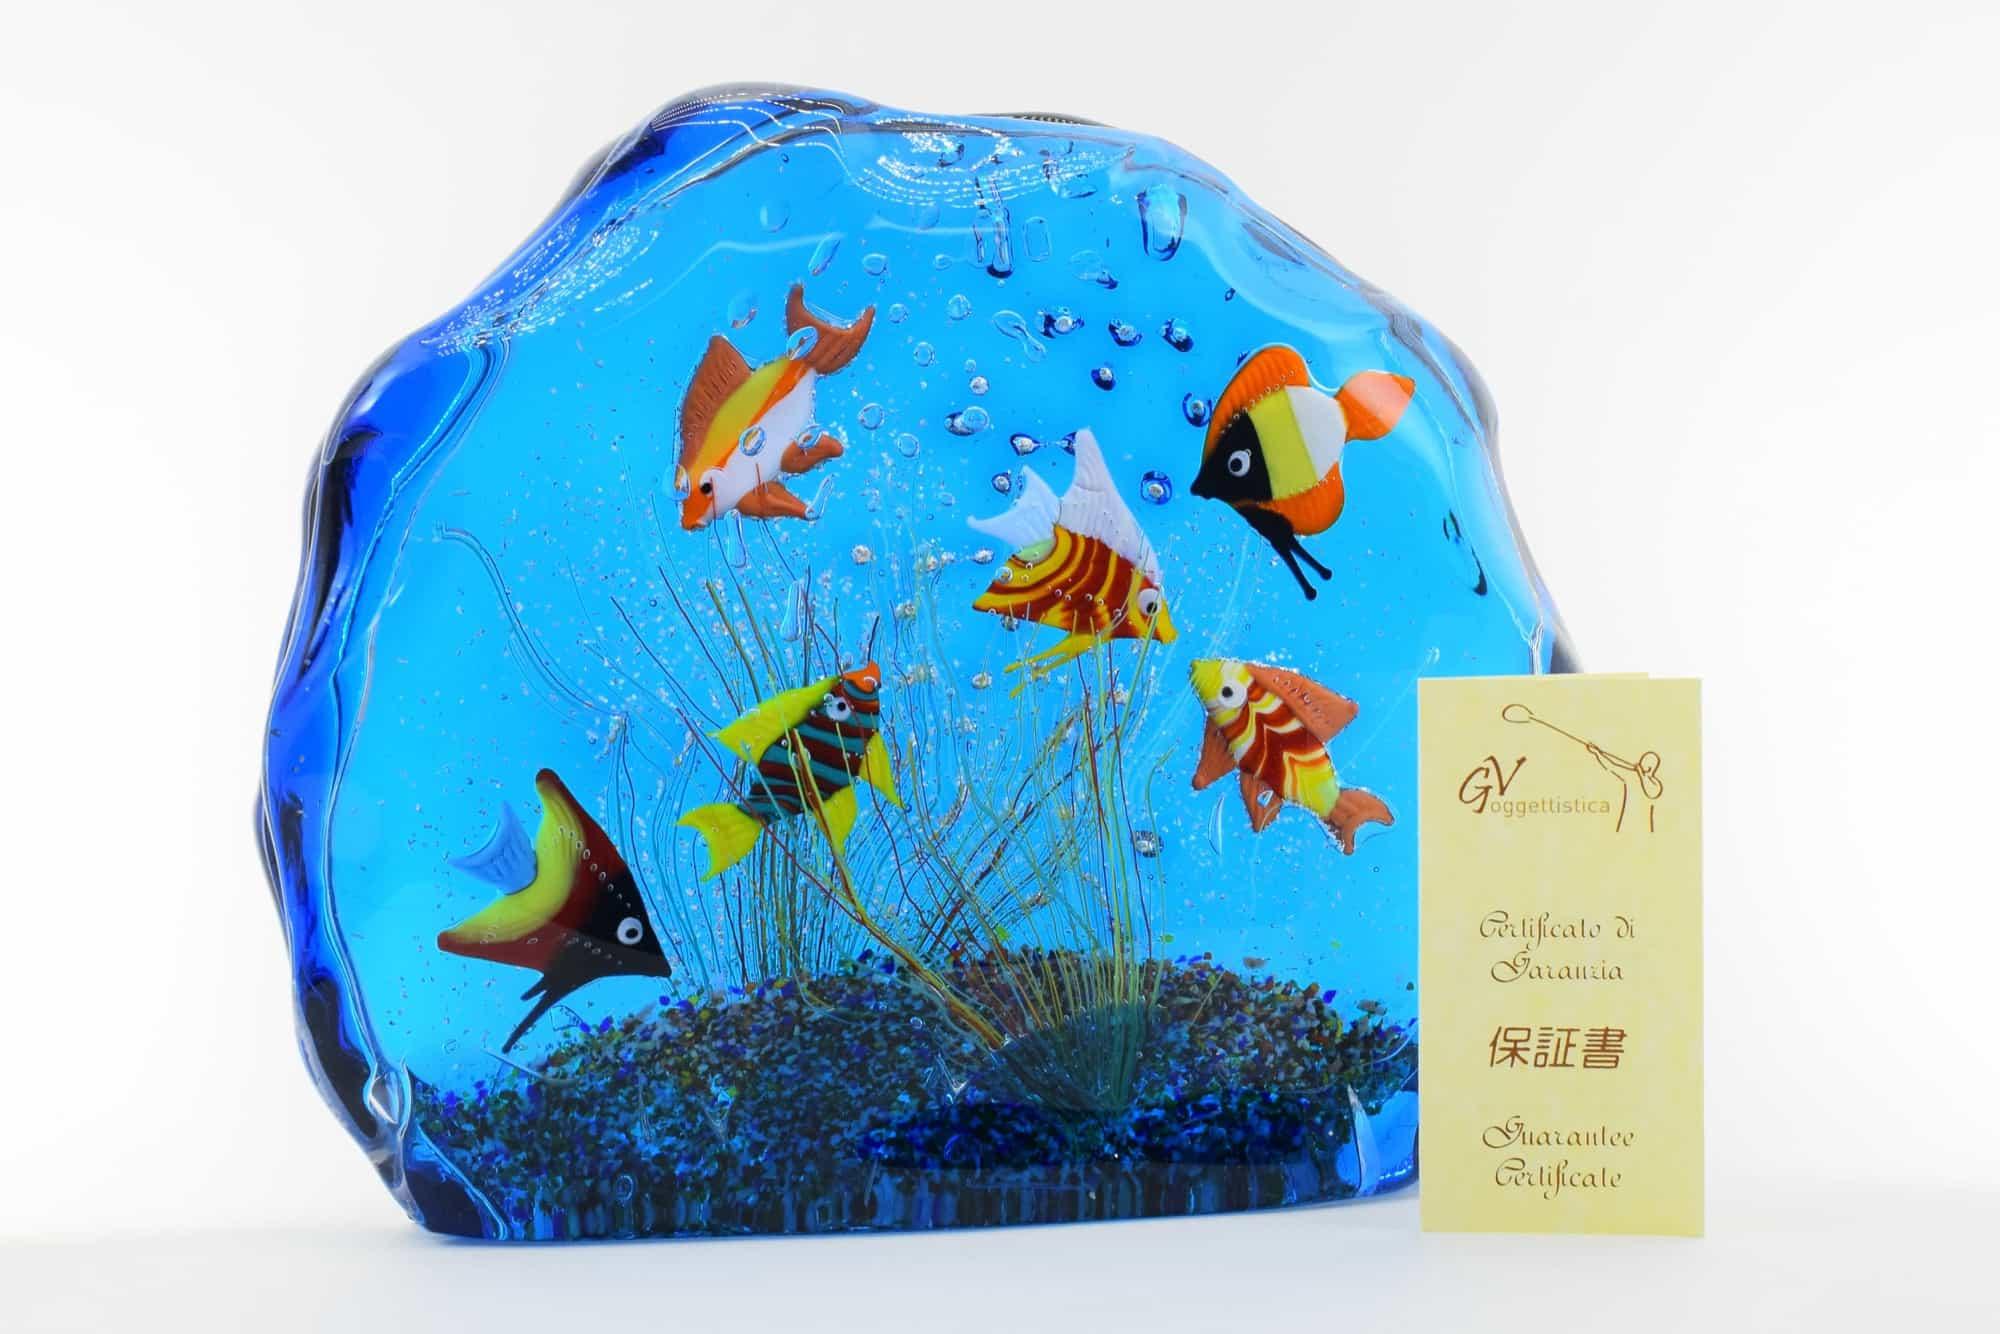 Murano Glass Aquarium - (Art. 36589)